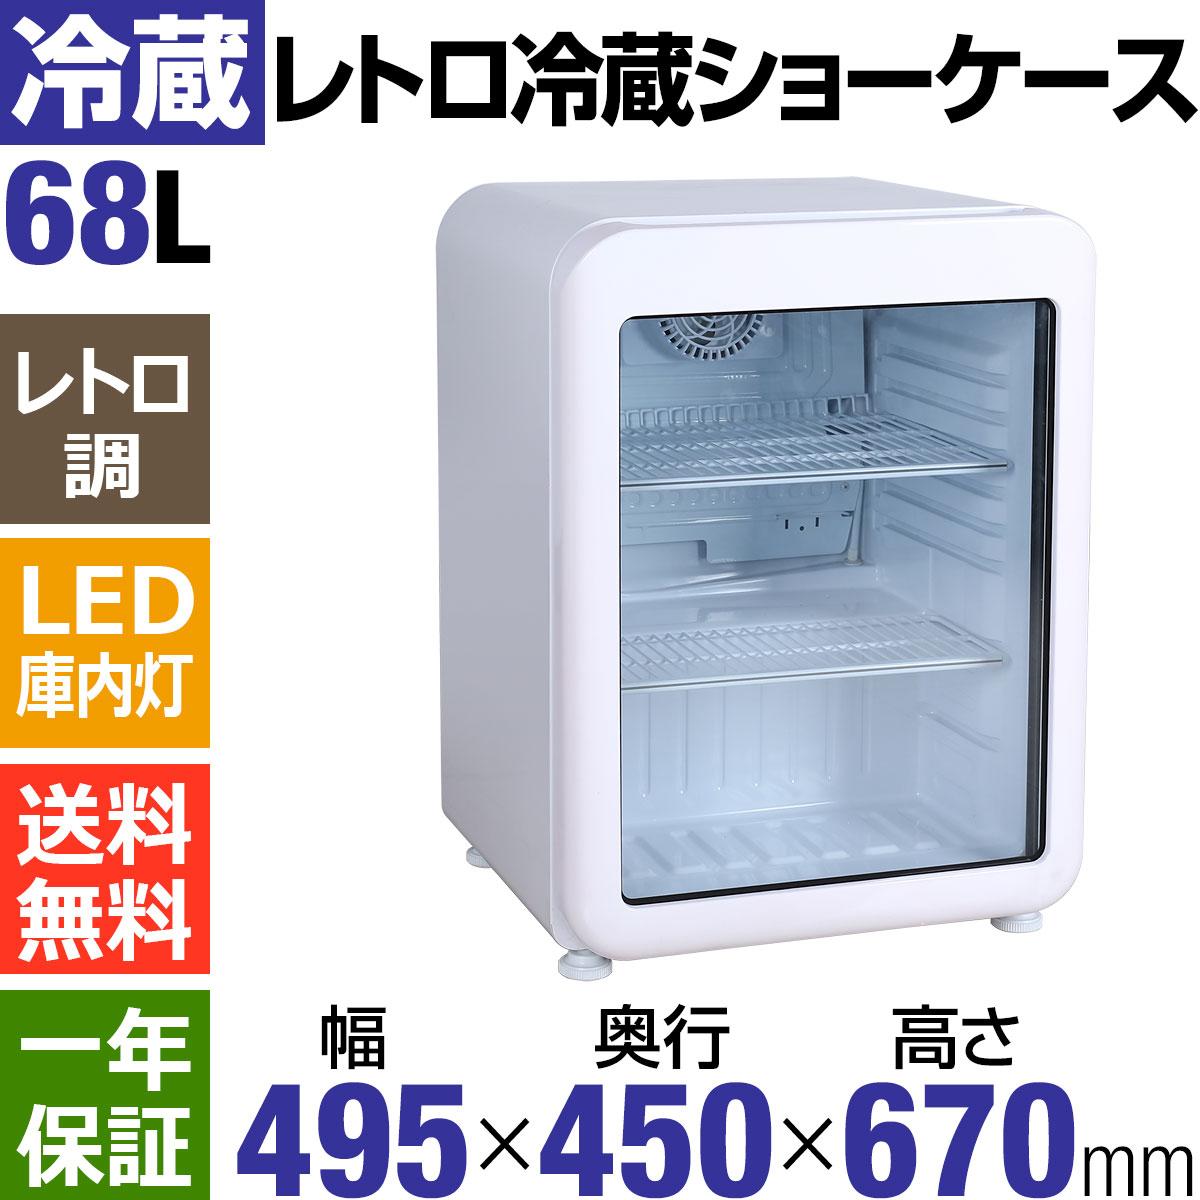 レトロ冷蔵ショーケース68L ガラス扉 ホワイト【HJR-RK70WT】 LED庫内灯付き 送料無料 小型冷蔵ショーケース